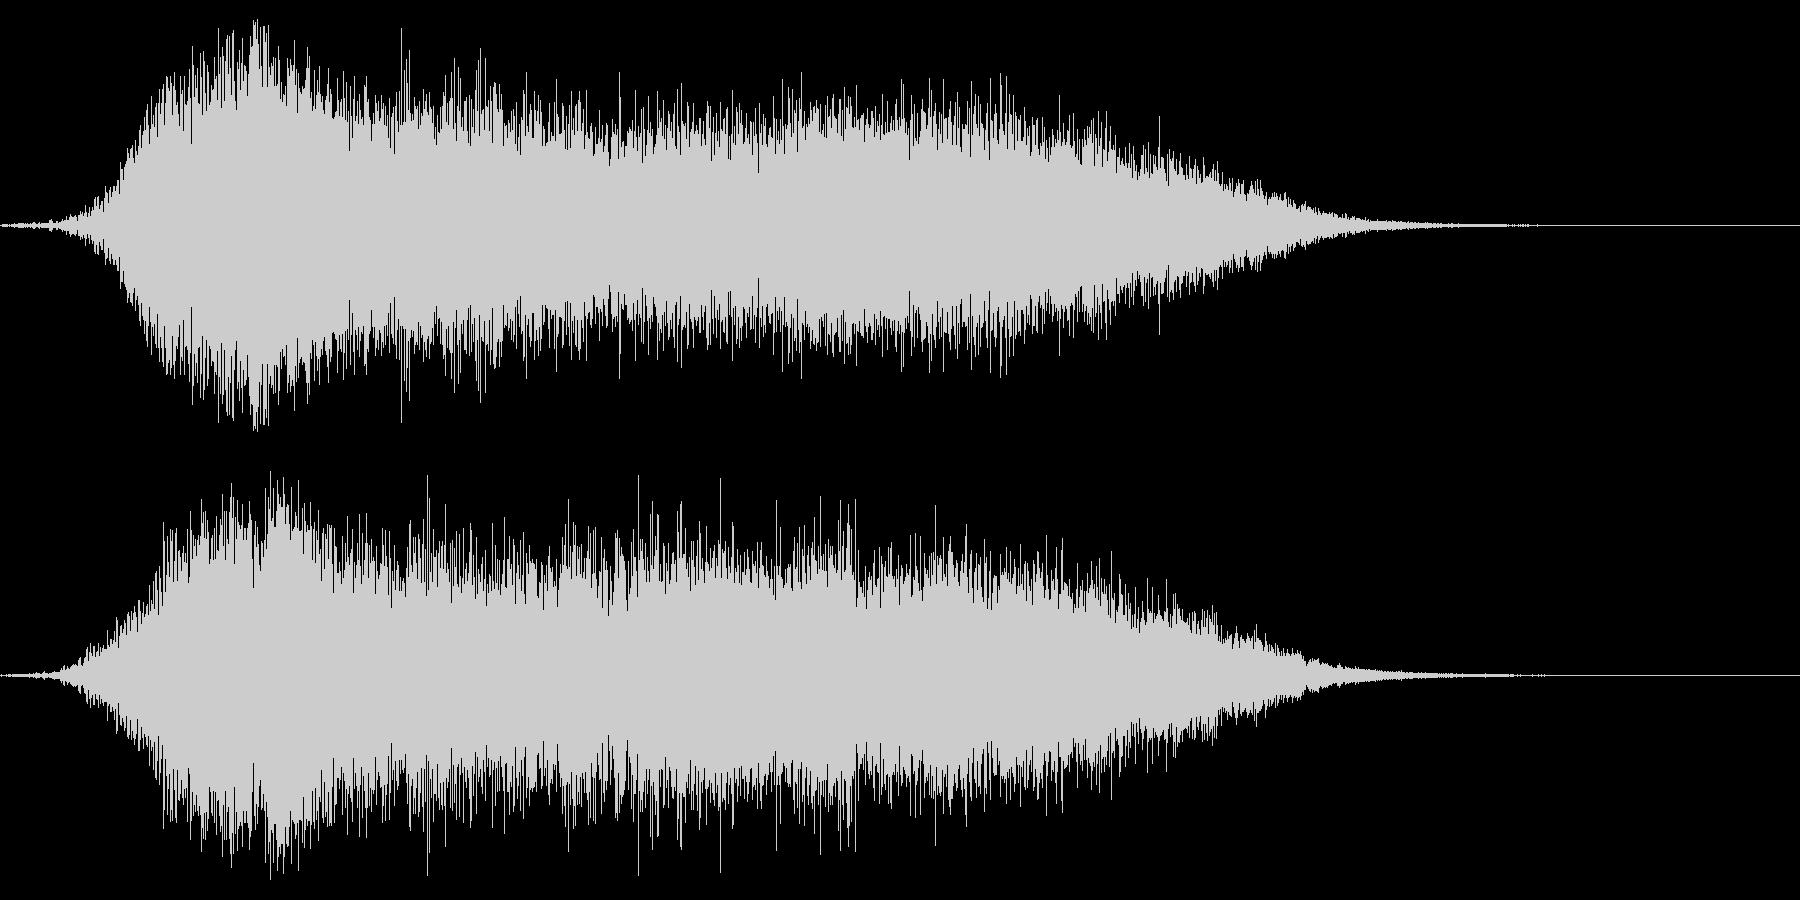 シネマティックサウンドロゴ1の未再生の波形